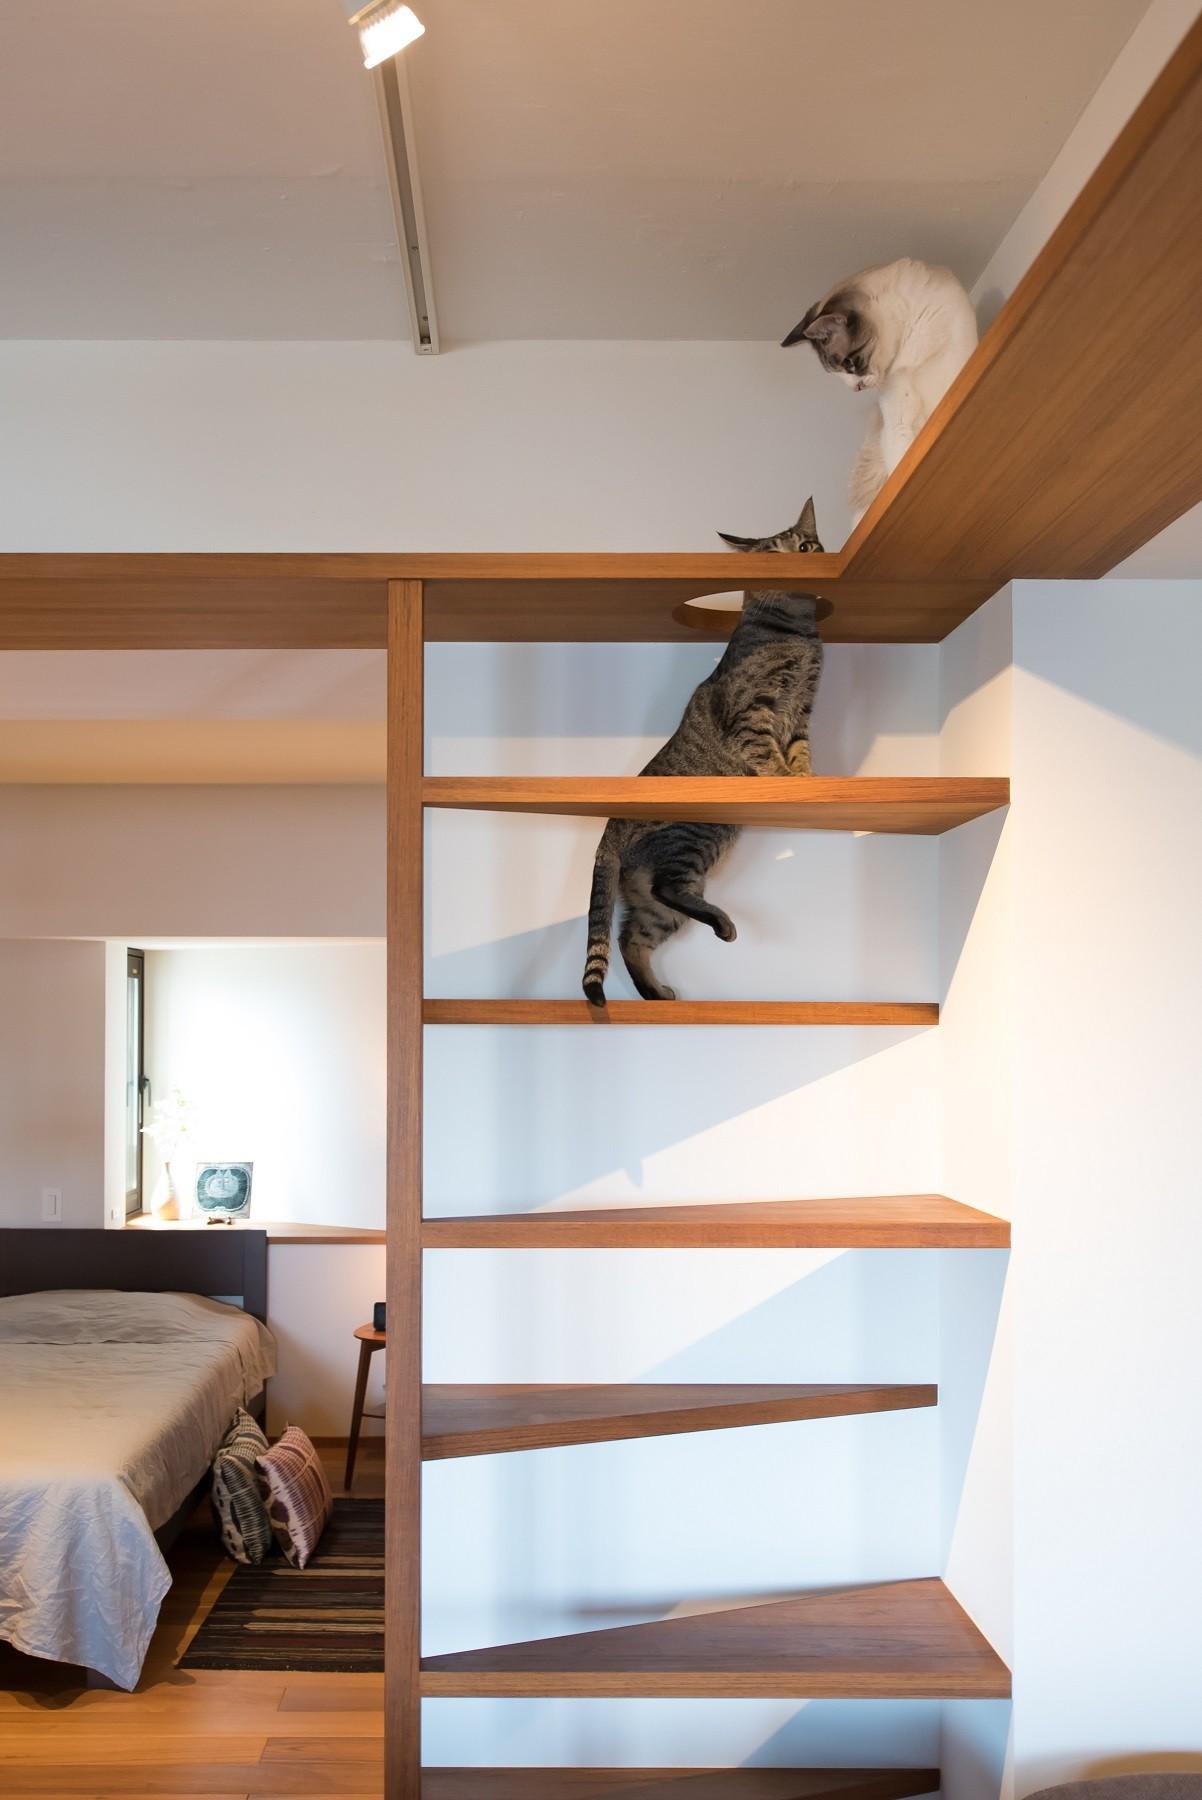 その他事例:猫の遊び場(南越谷Mさんの家)